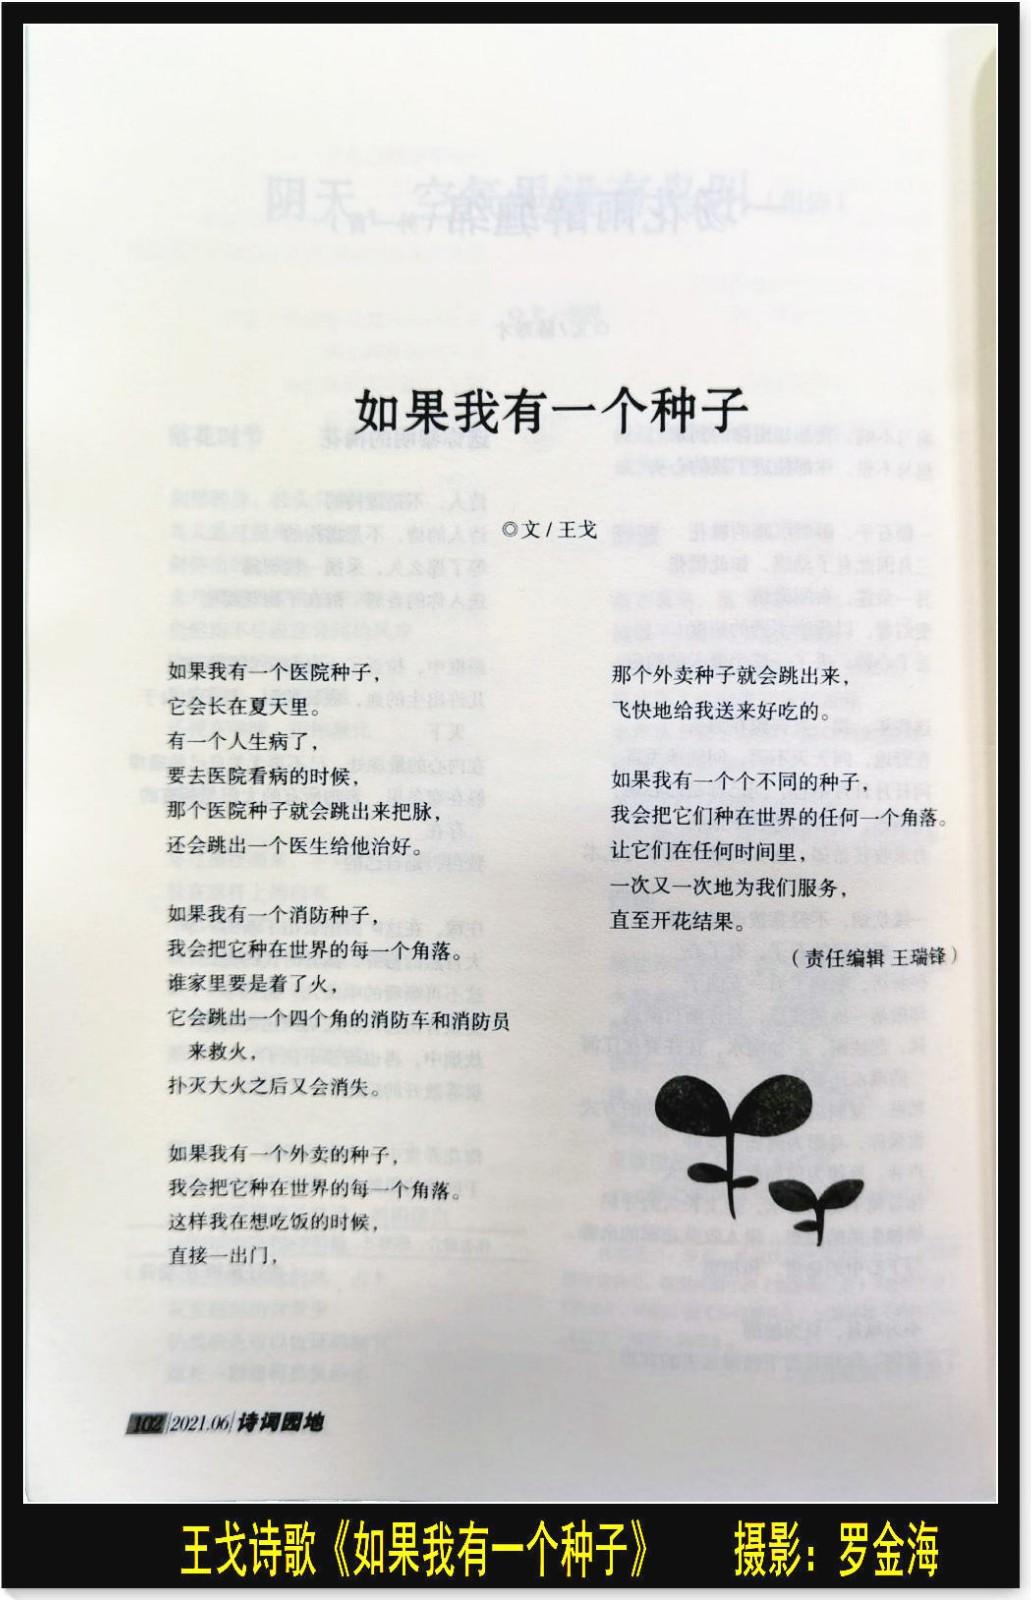 庆六一儿童节(七律)_图1-2